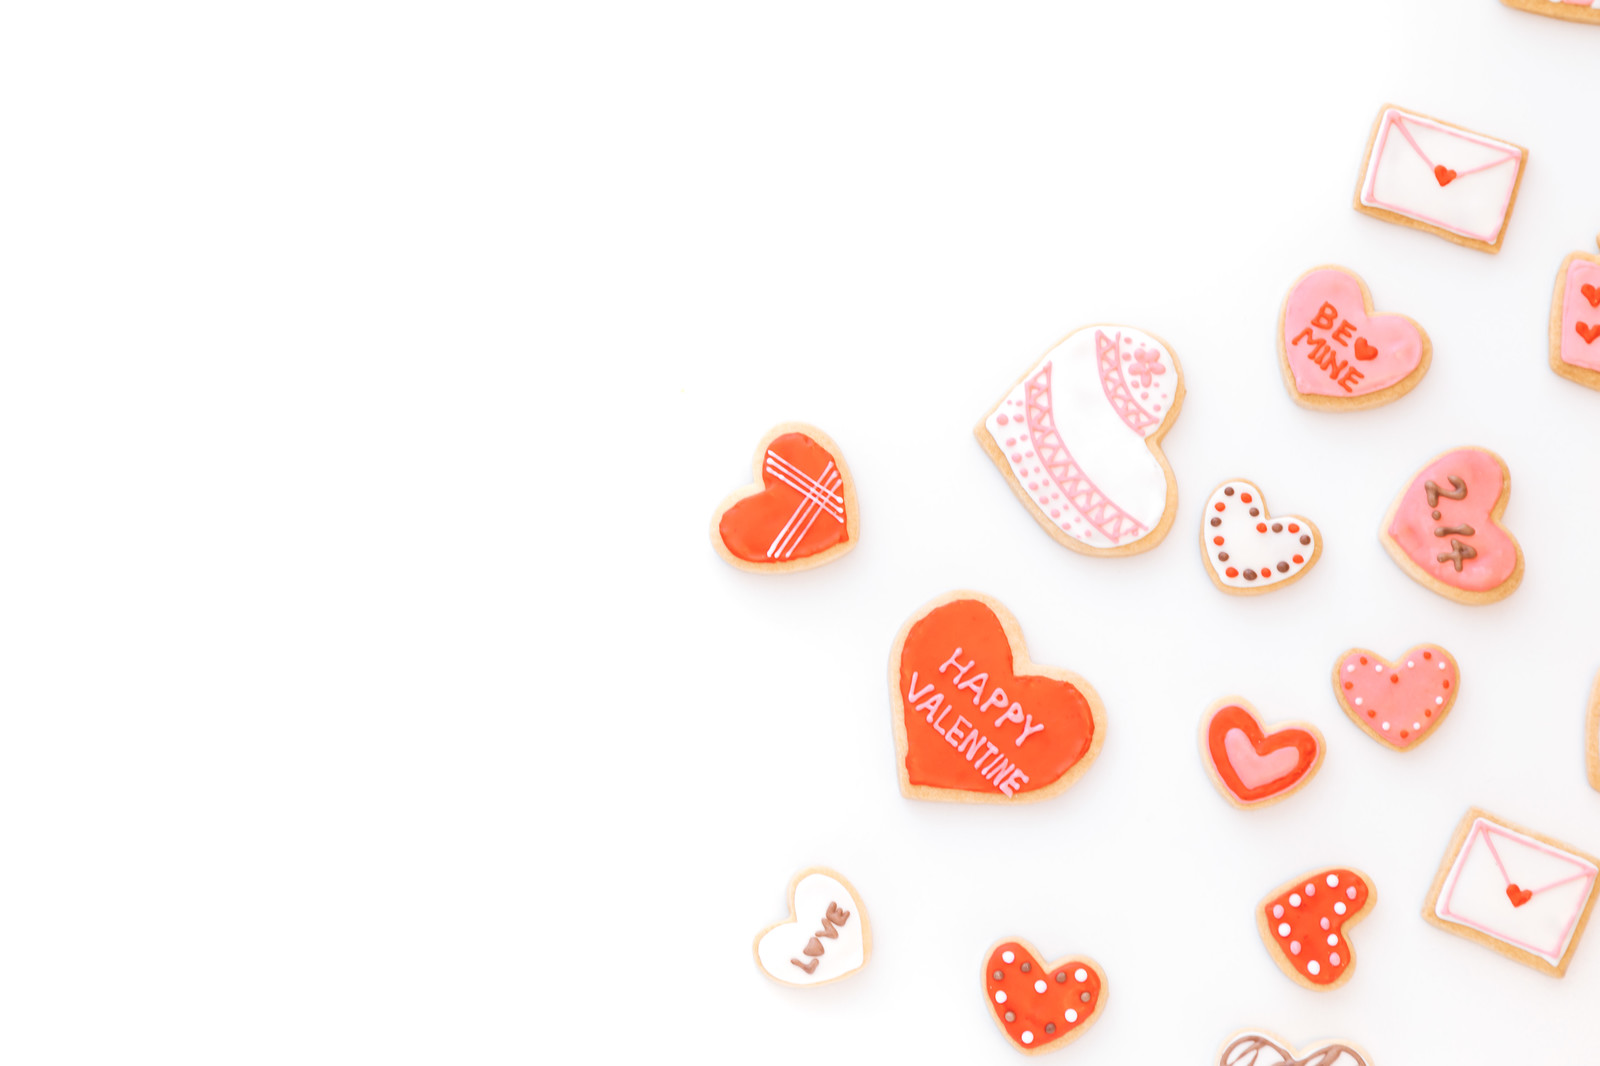 「ハートのバレンタインクッキー」の写真